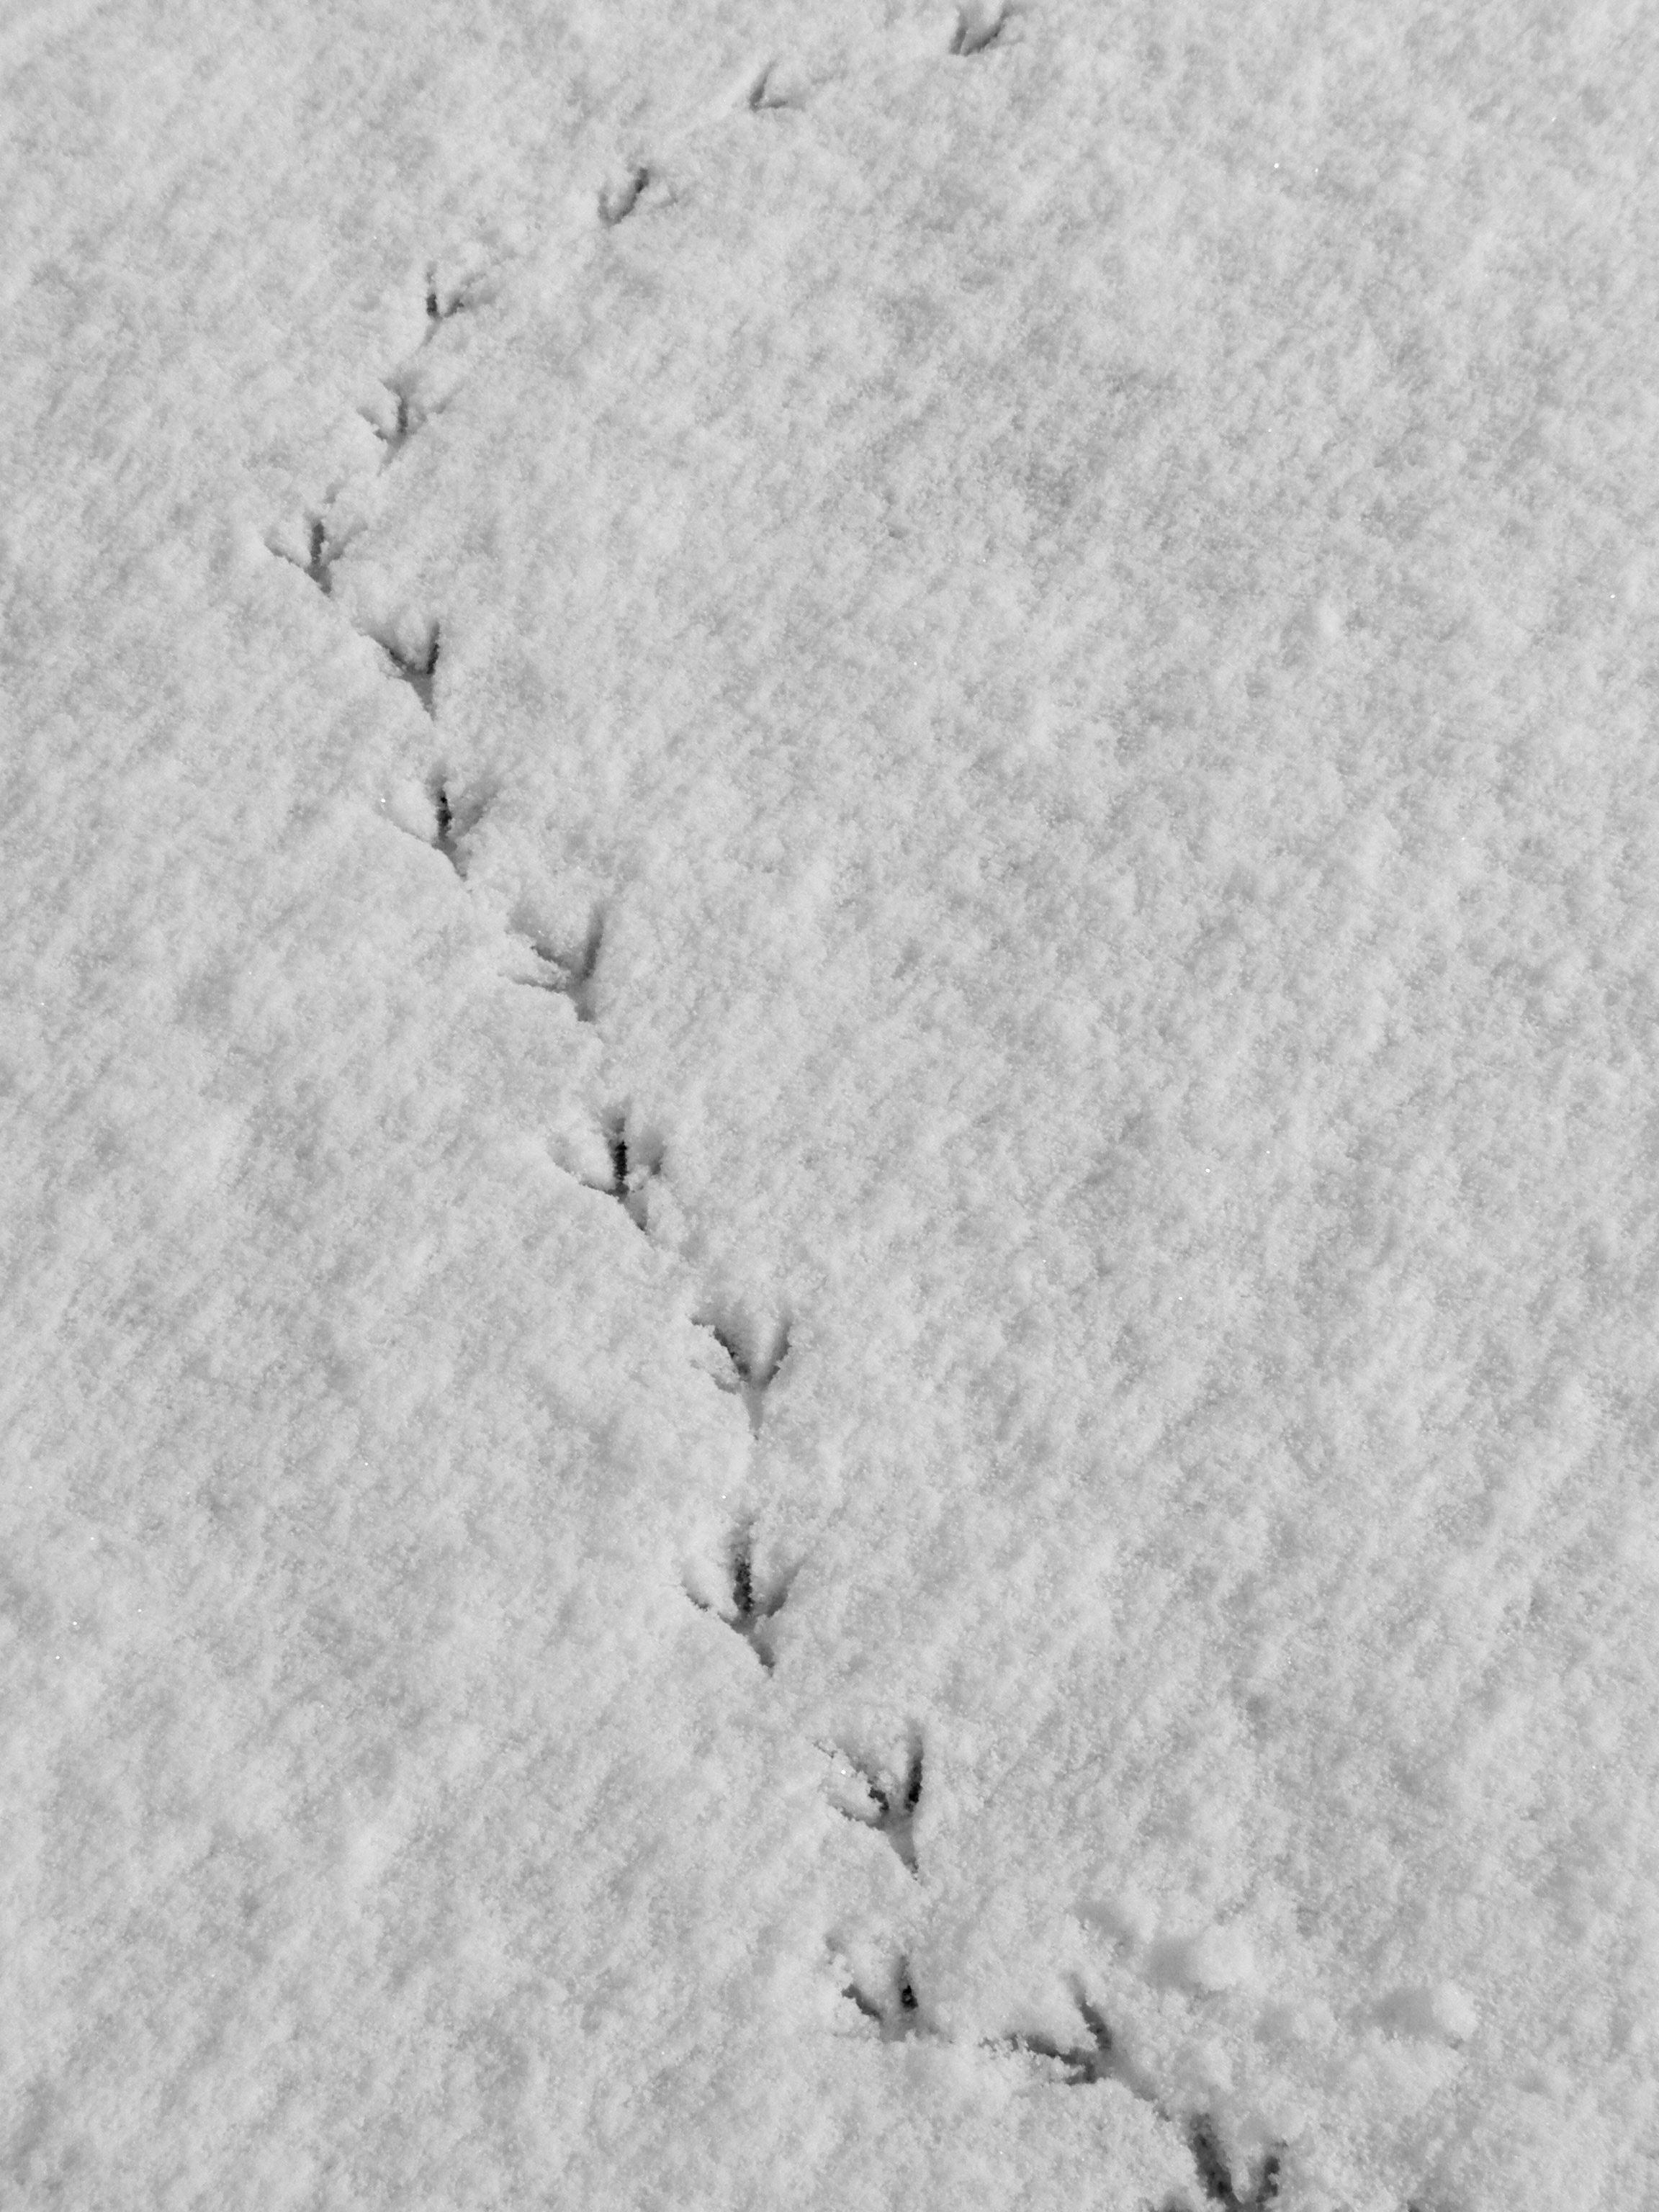 snow-bird-footprints